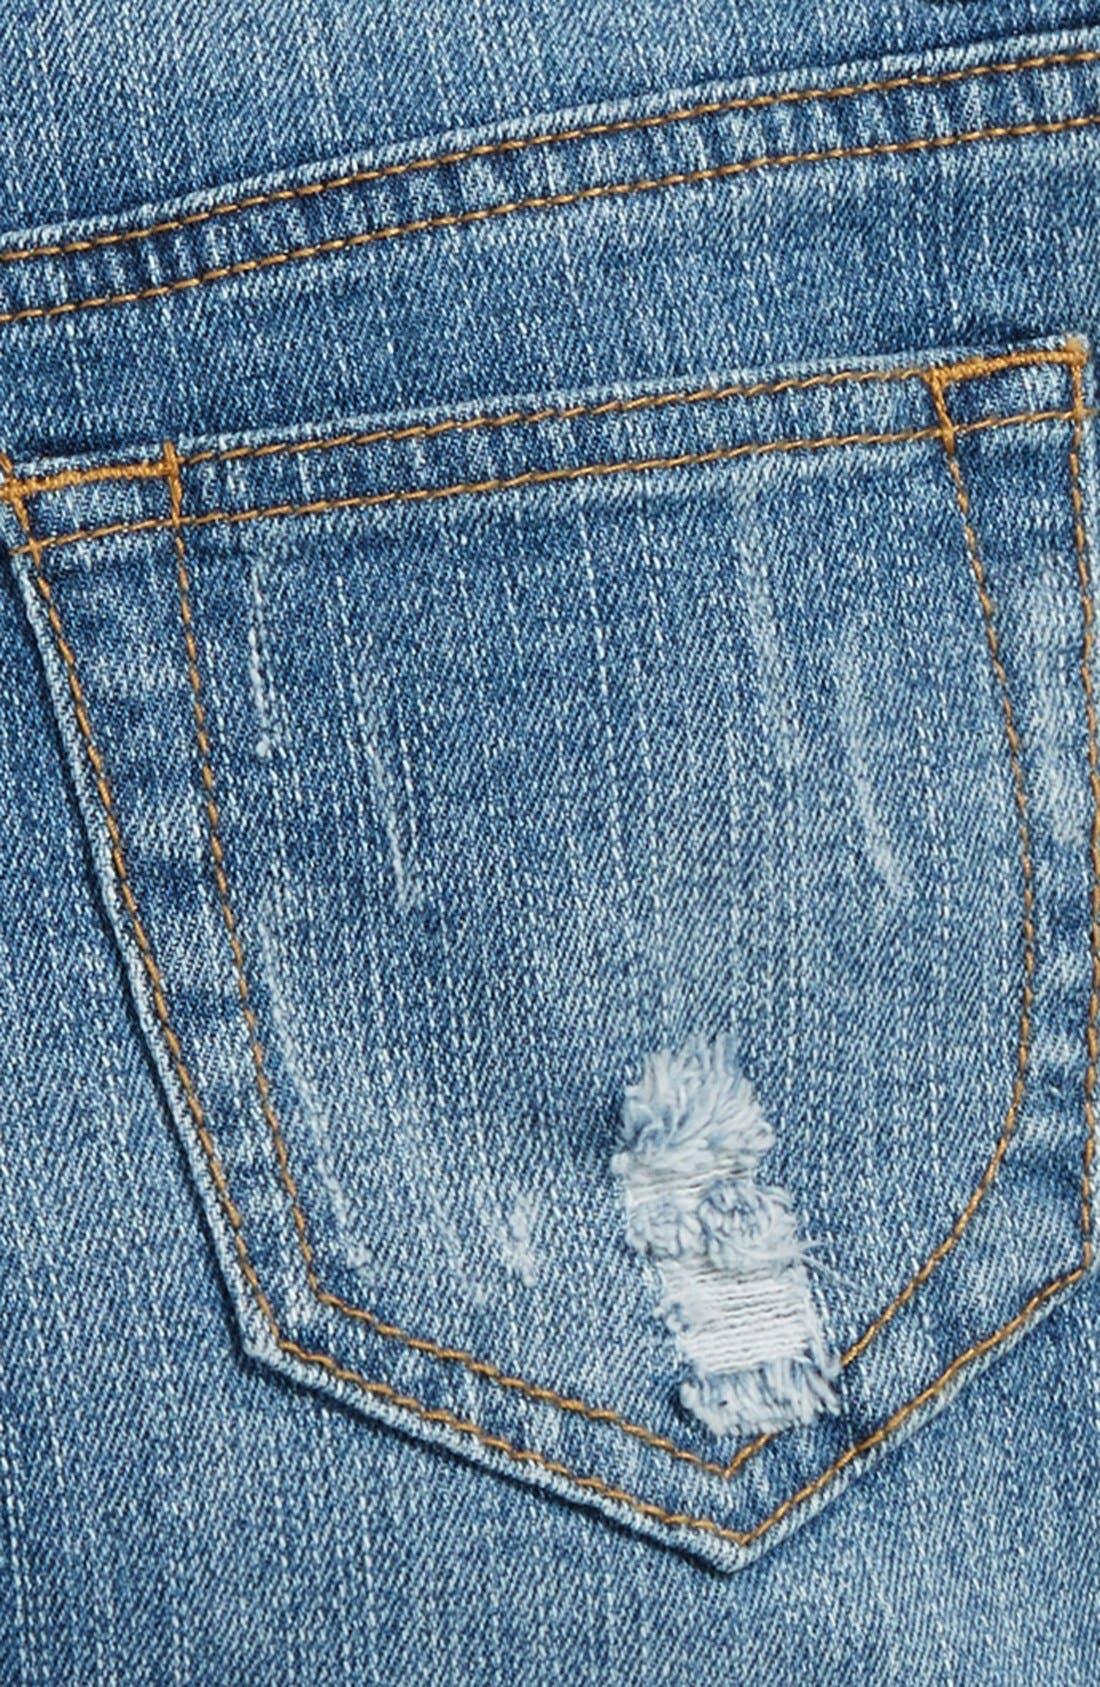 Alternate Image 3  - Vintage Havana Cuff Denim Boyfriend Shorts (Big Girls)